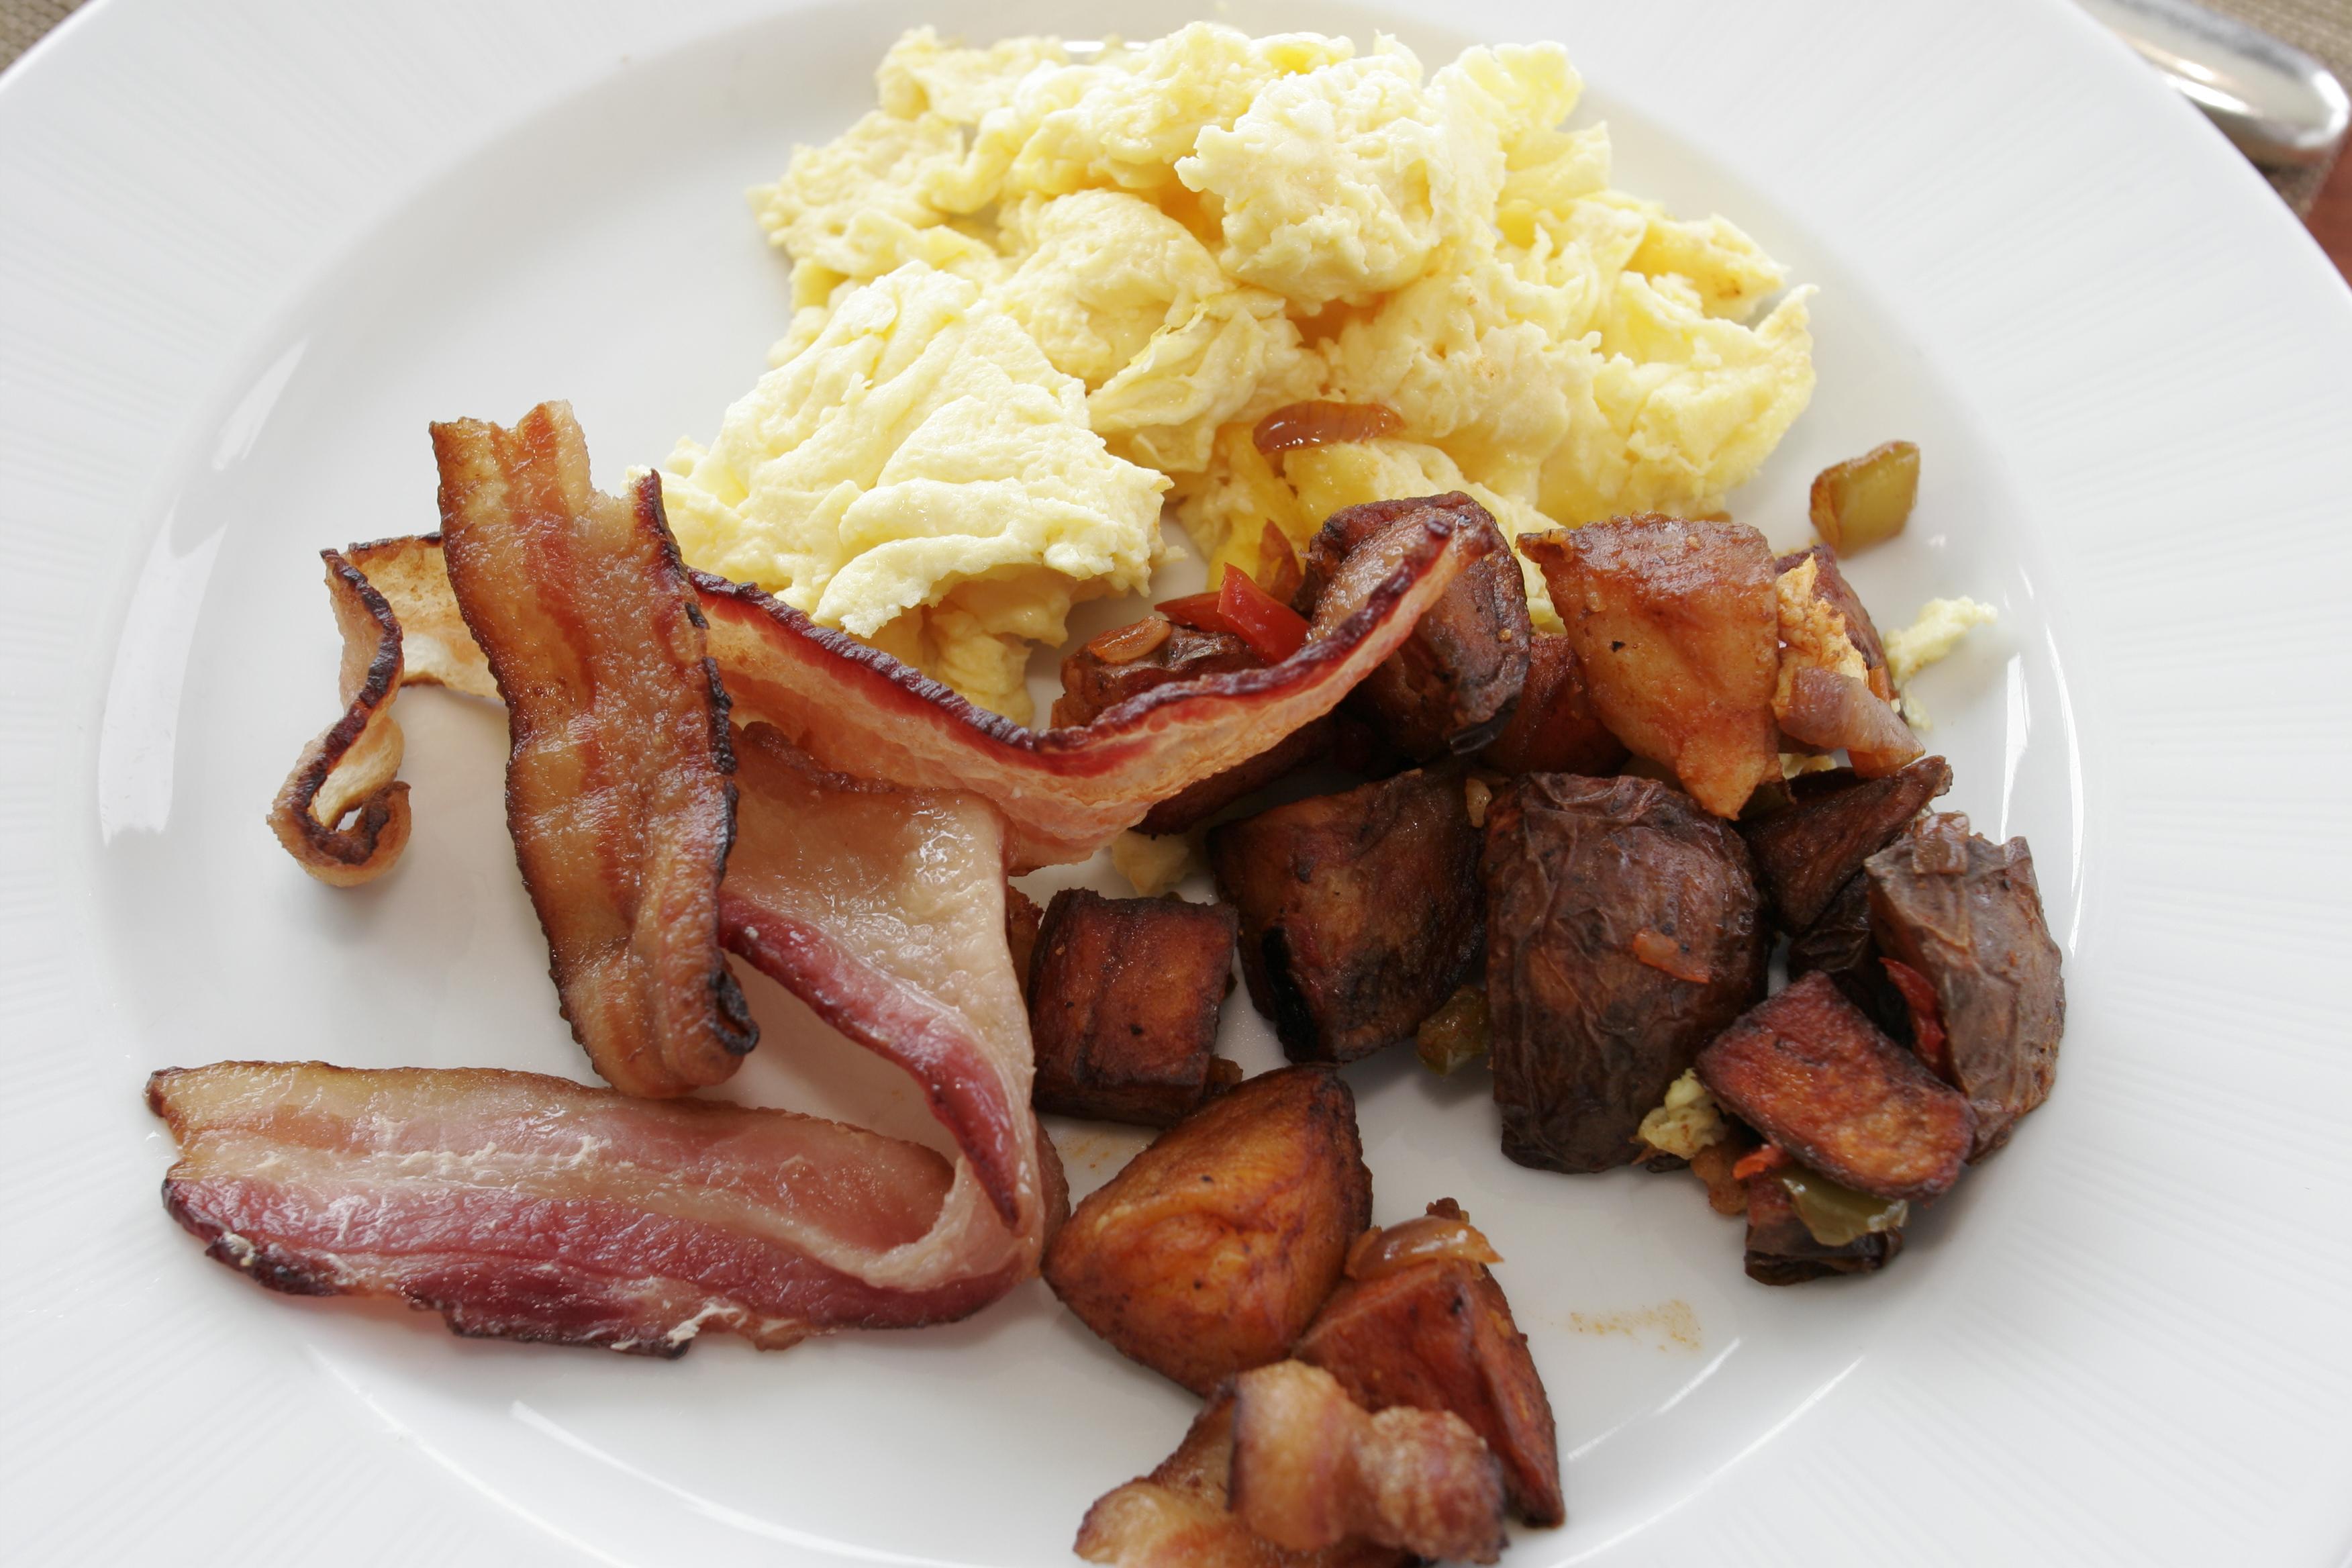 早餐,煎饼和鸡蛋和煎饼